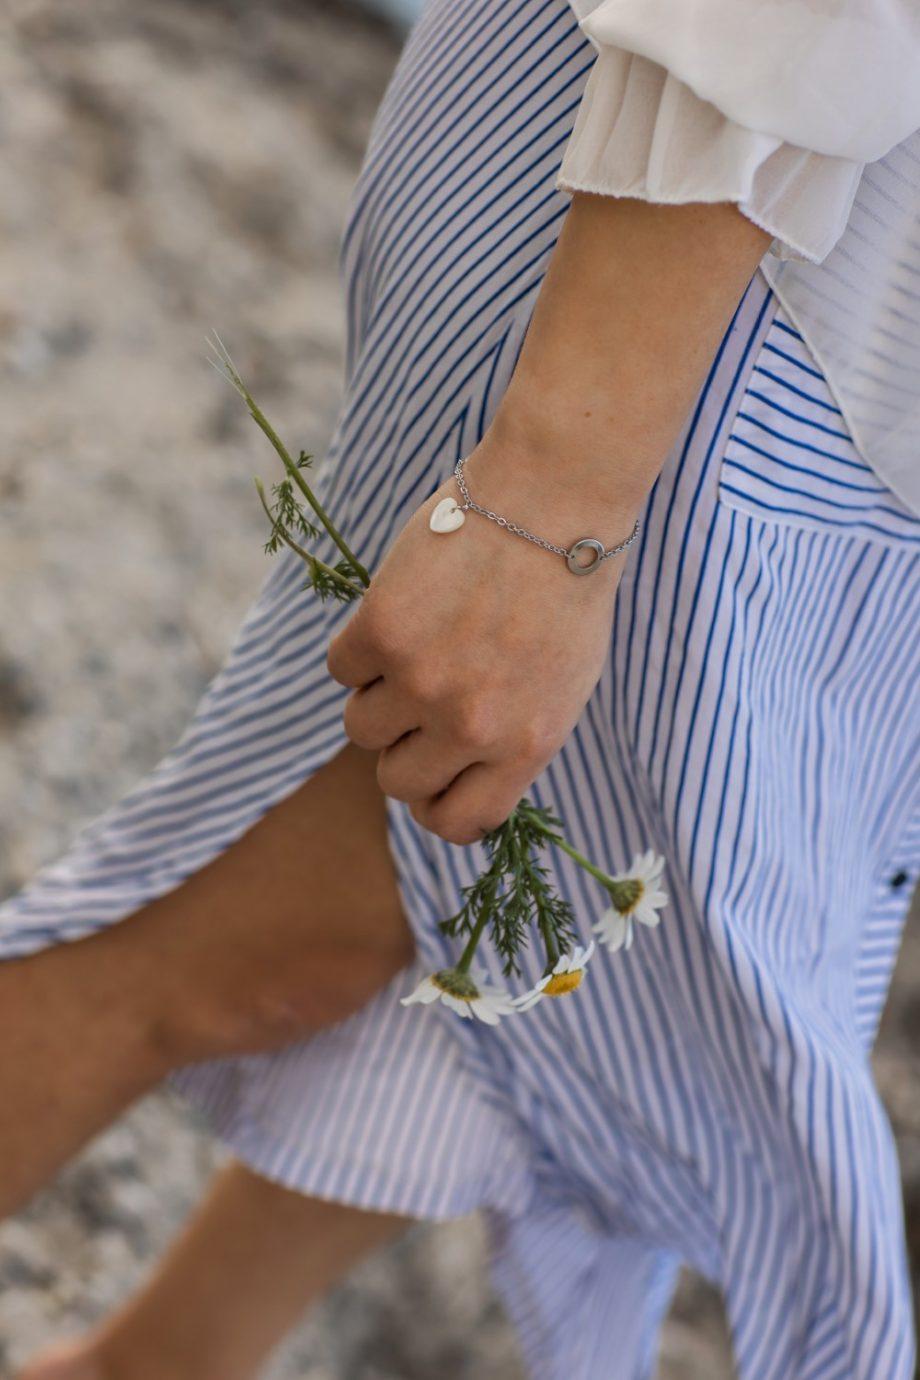 Ασημένιο γυναικείο βραχιόλι με ατσάλινη αλυσίδα